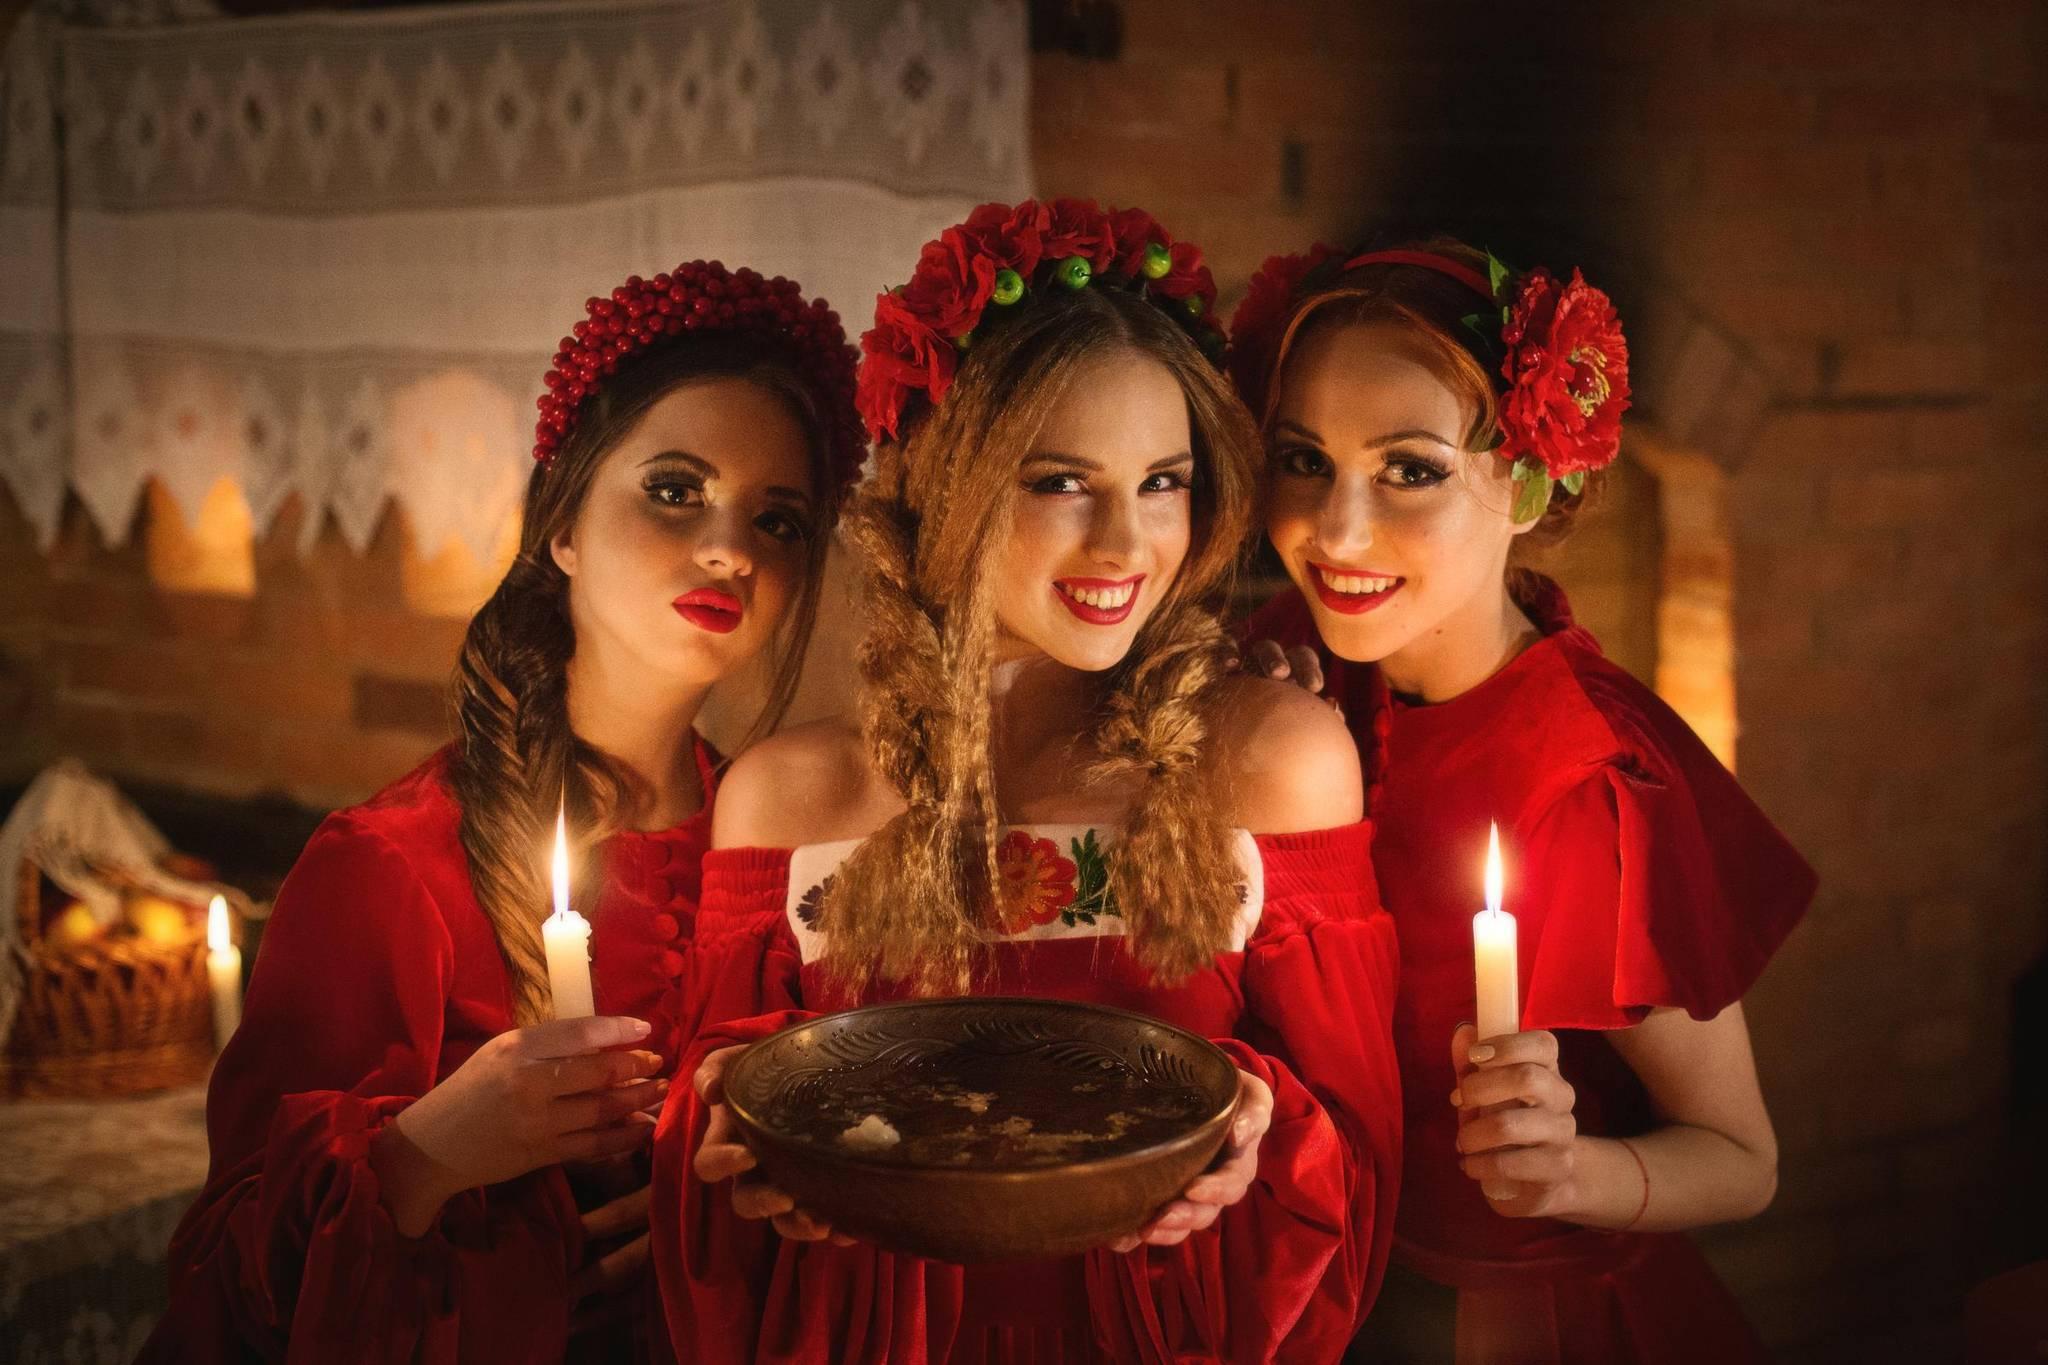 Рождественские гадания на суженого: на картах, по золотой цепочке, свече и т.п.